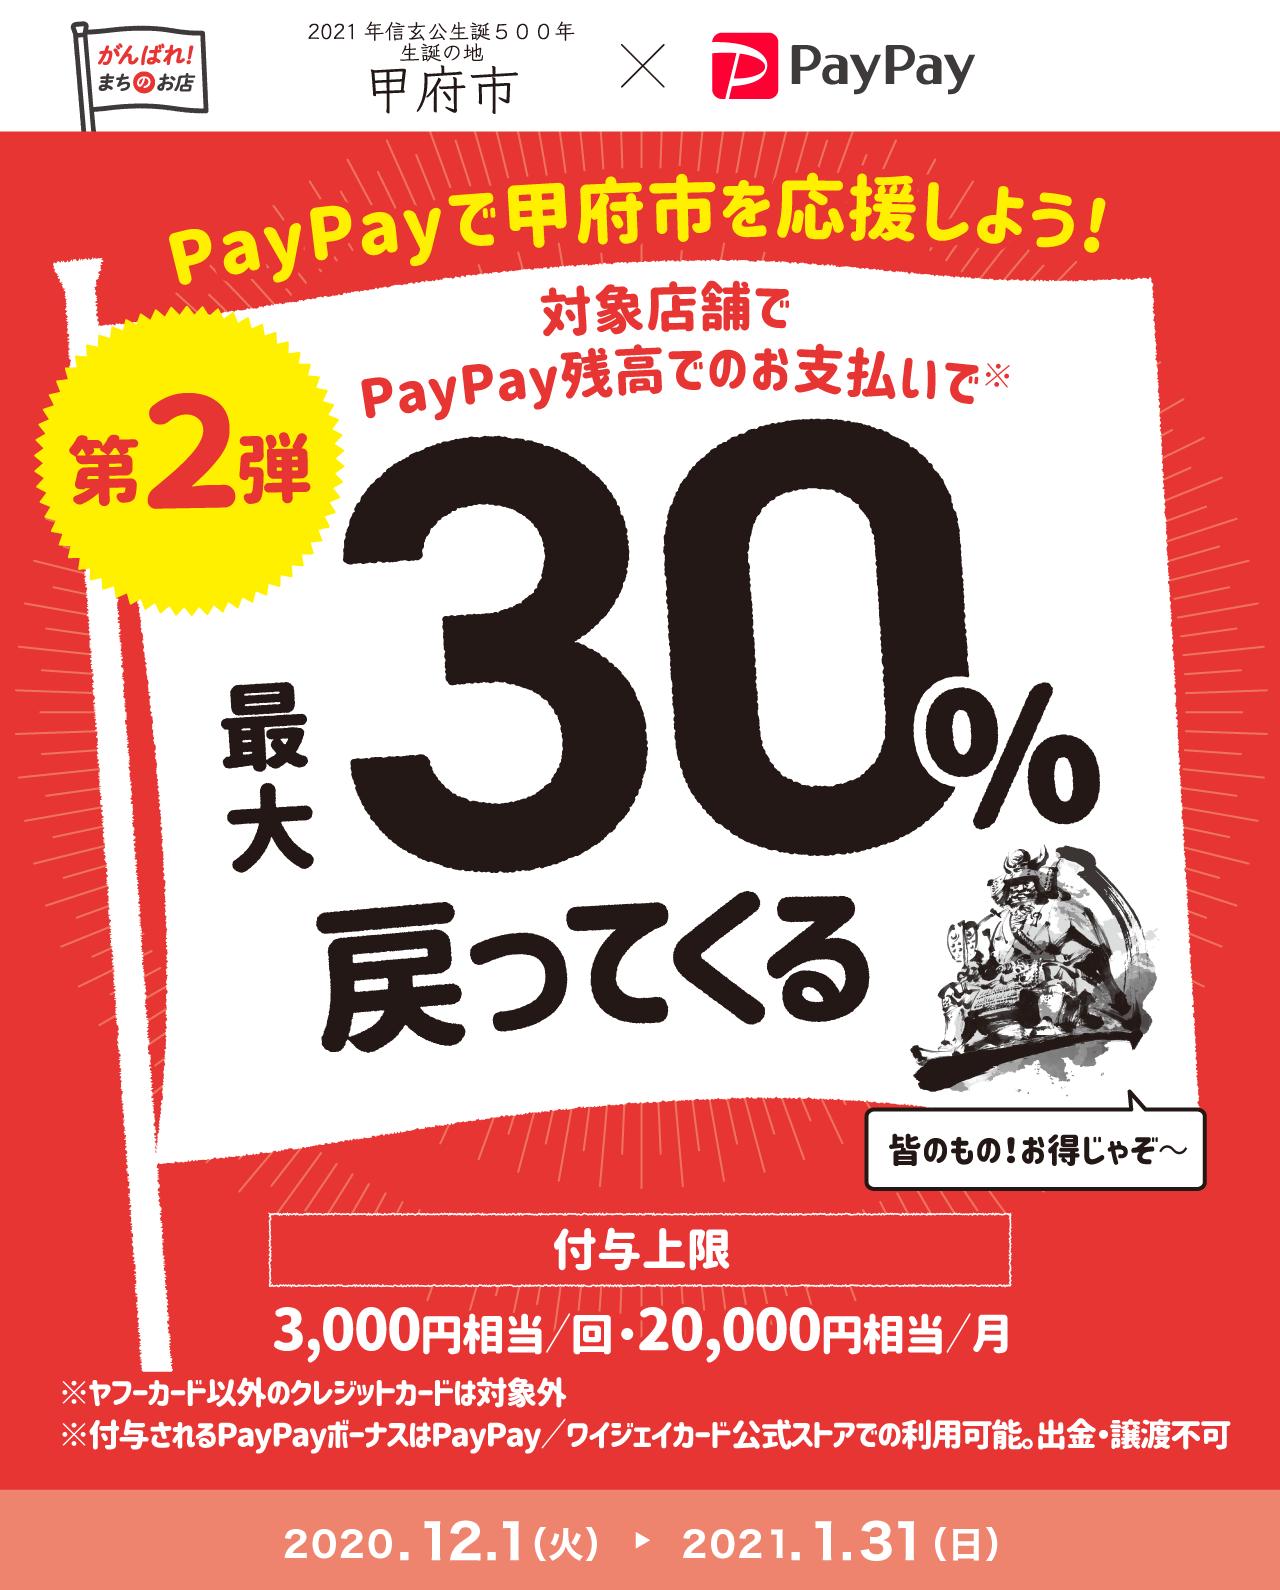 PayPayで甲府市を応援しよう! 第2弾 対象店舗でPayPay残高でのお支払いで 最大30%戻ってくる